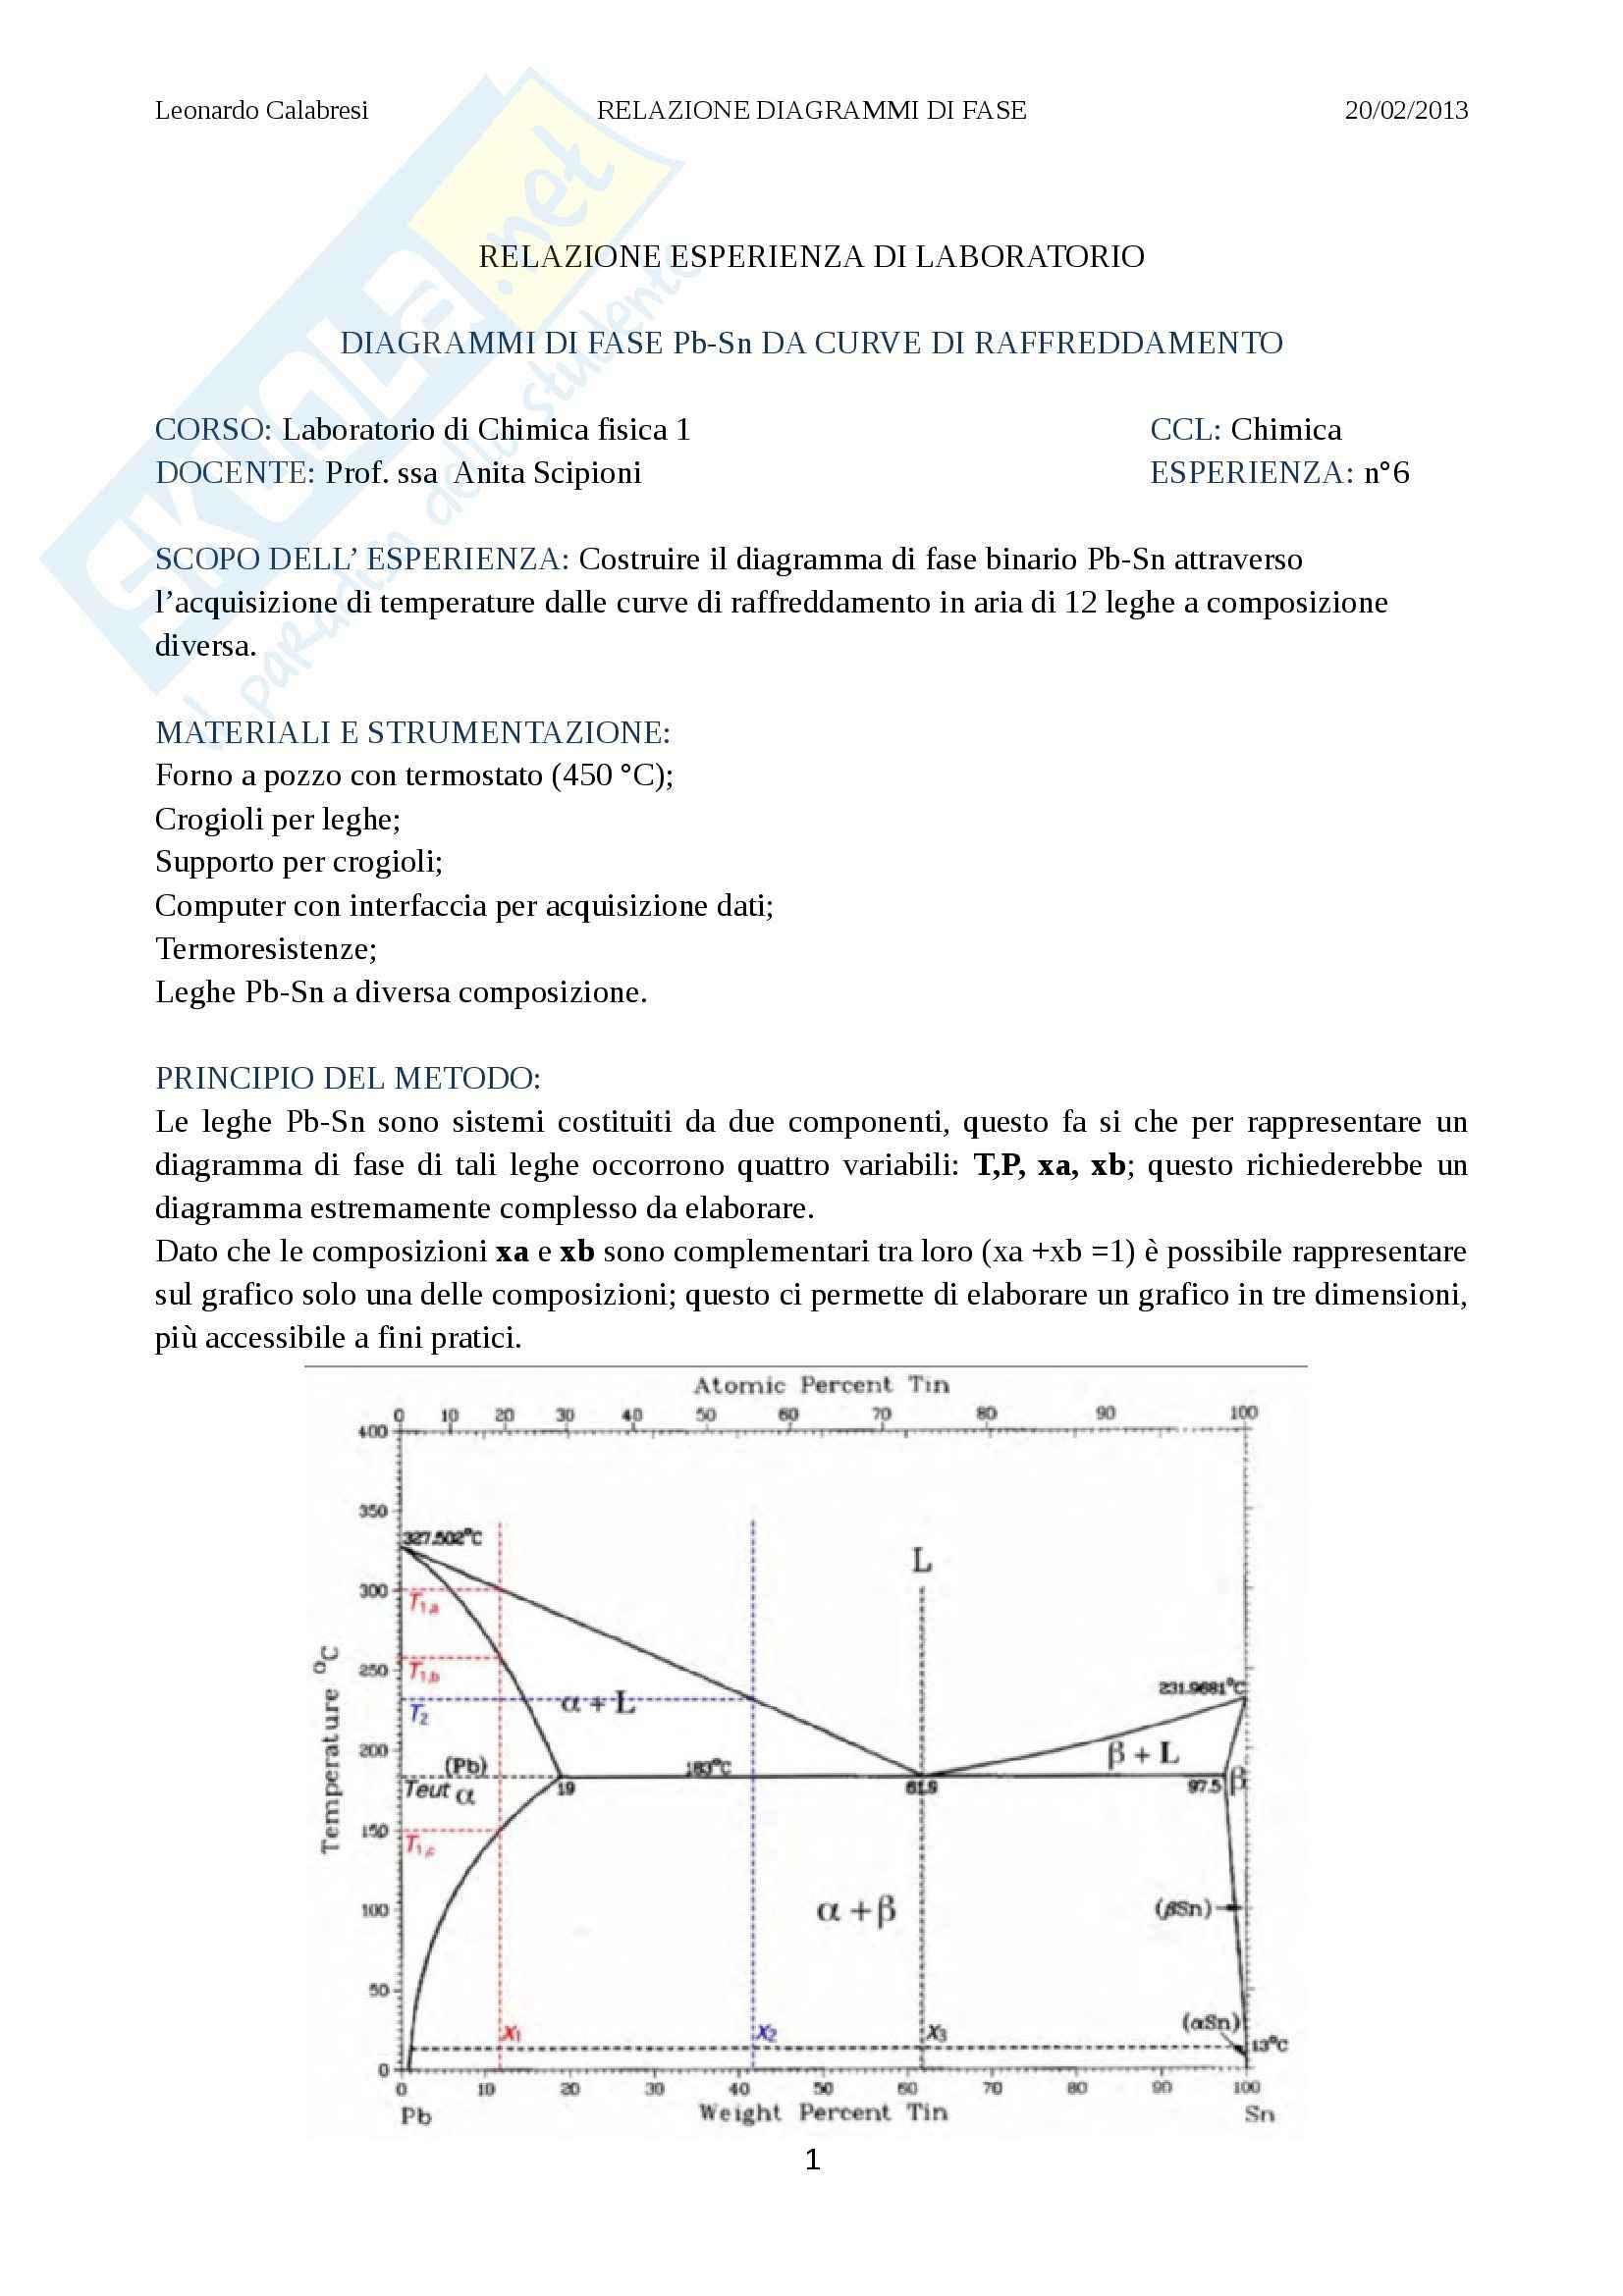 Relazione laboratorio (diagrammi di fase), Chimica fisica